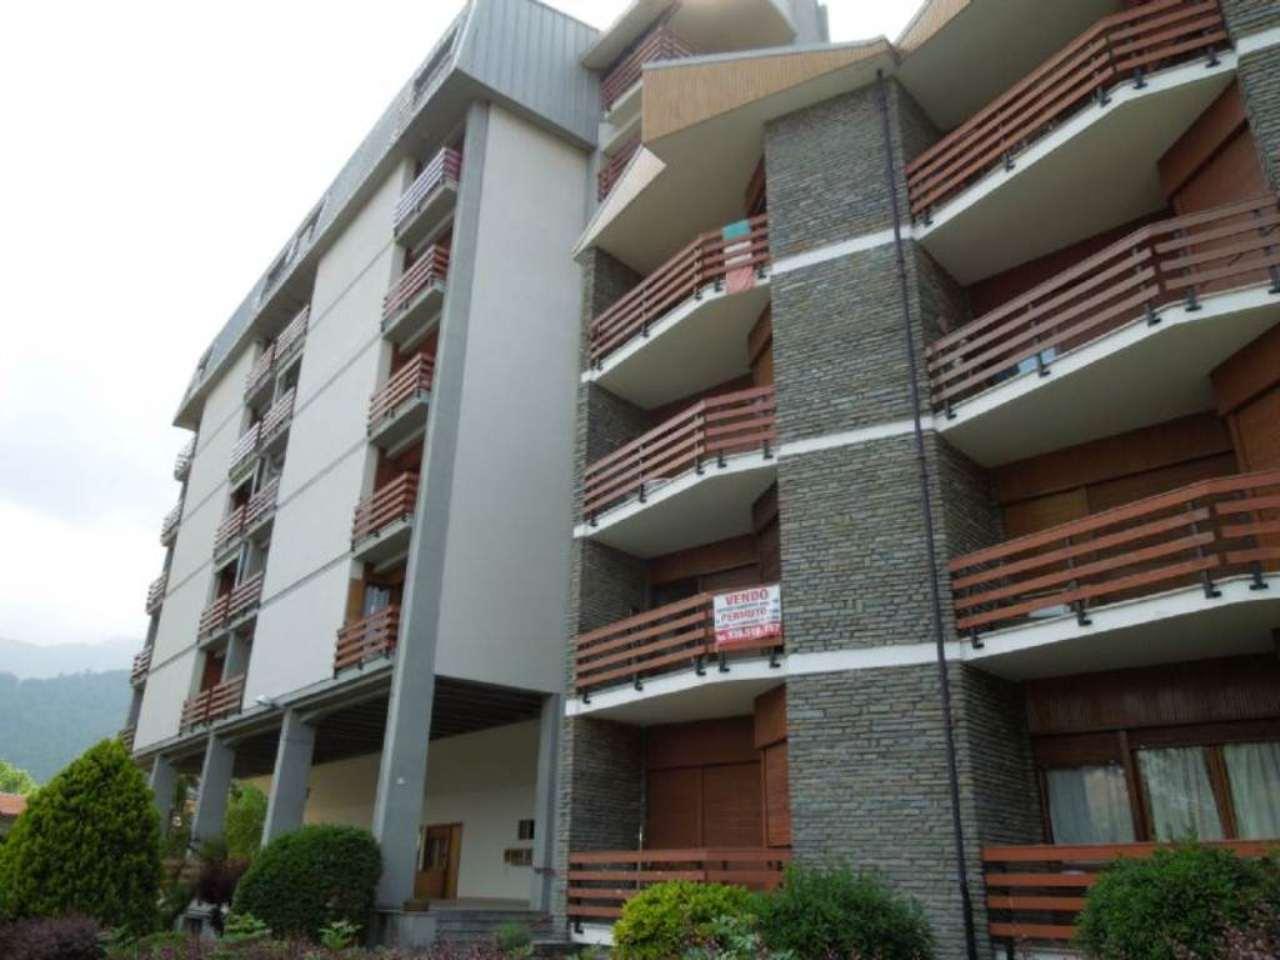 Appartamento in vendita a Coazze, 4 locali, prezzo € 92.000 | Cambio Casa.it